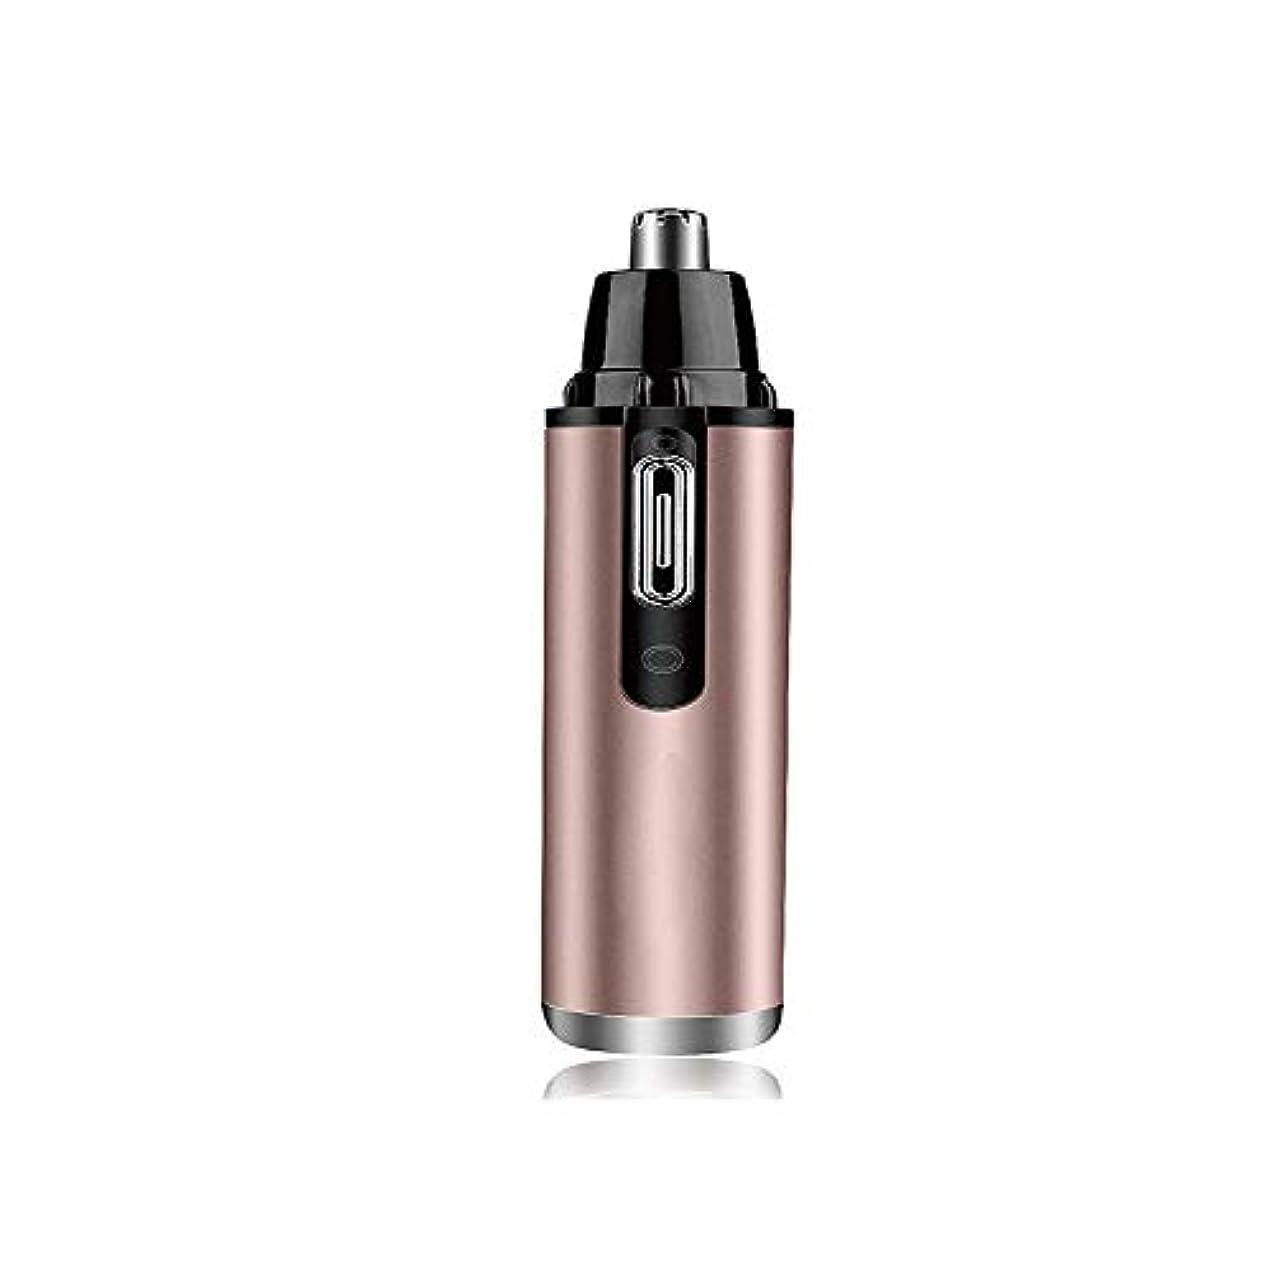 固める活気づける製造業鼻毛トリマーは、お手入れが簡単で使いやすい360°回転設計で、USB充電によって肌に刺激を与えたり、男性と女性の髪を引っ張ることはありません。